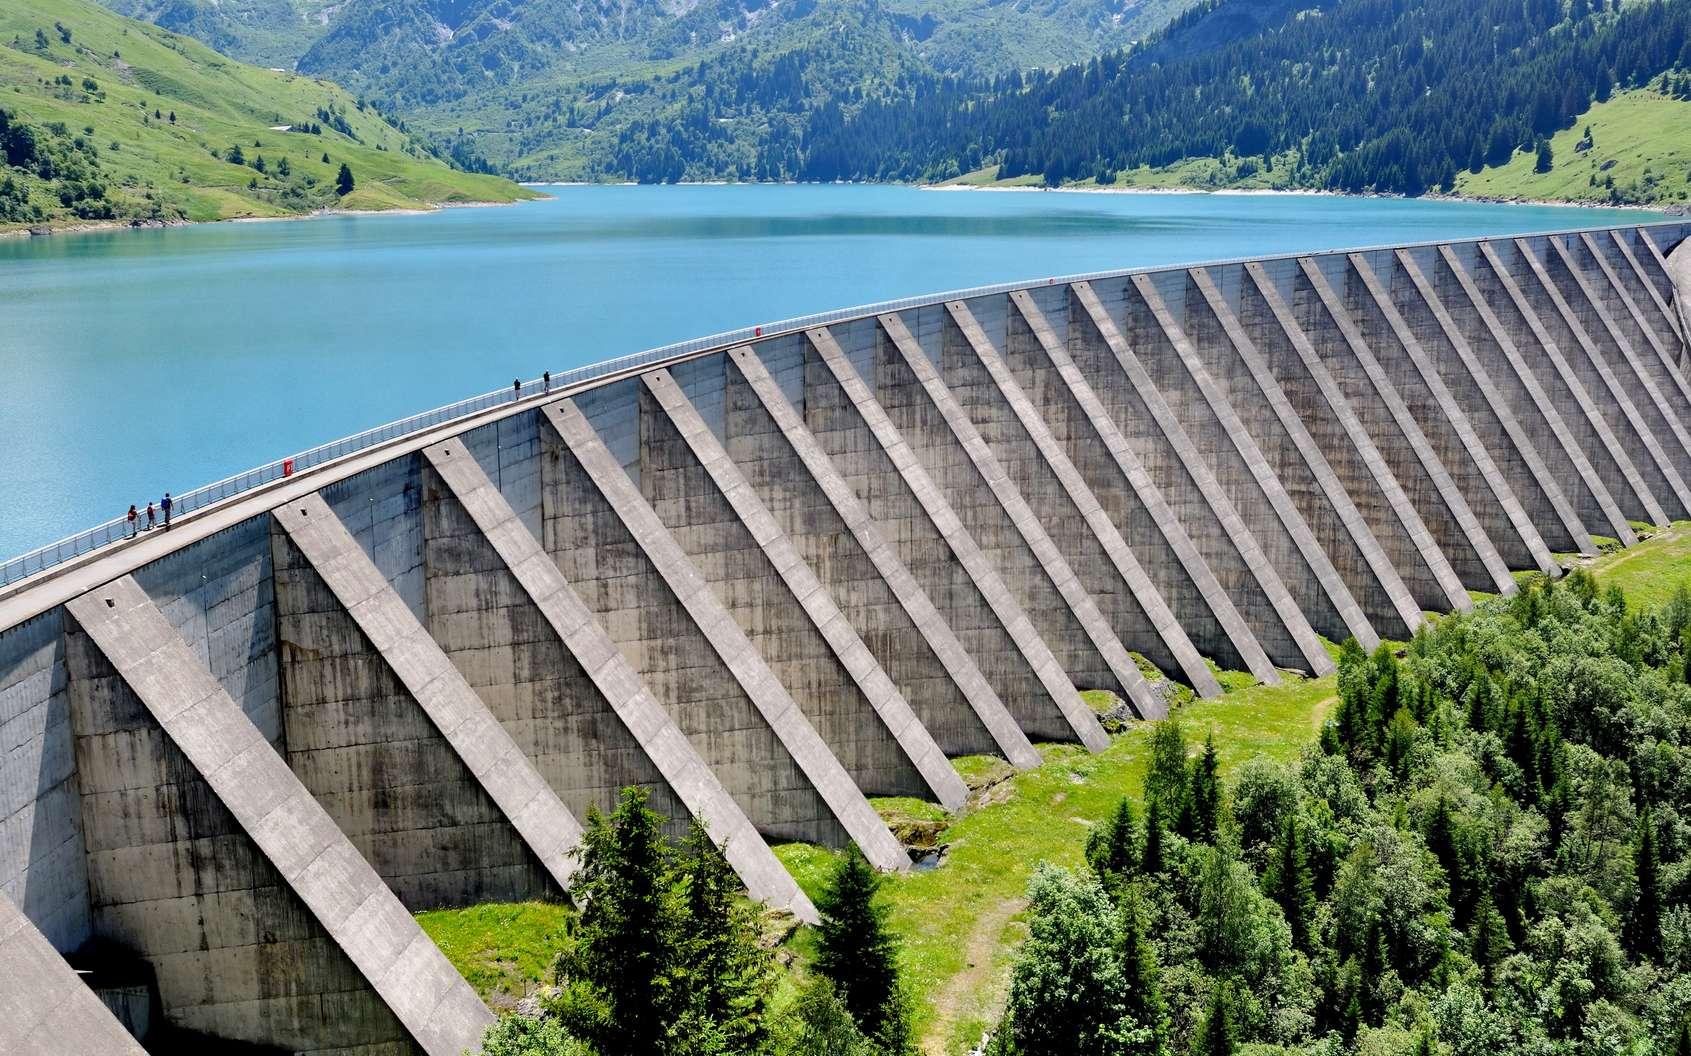 صورة حقينة السدود تجاوزت 249 مليون متر مكعب من المياه بجهة سوس ماسة